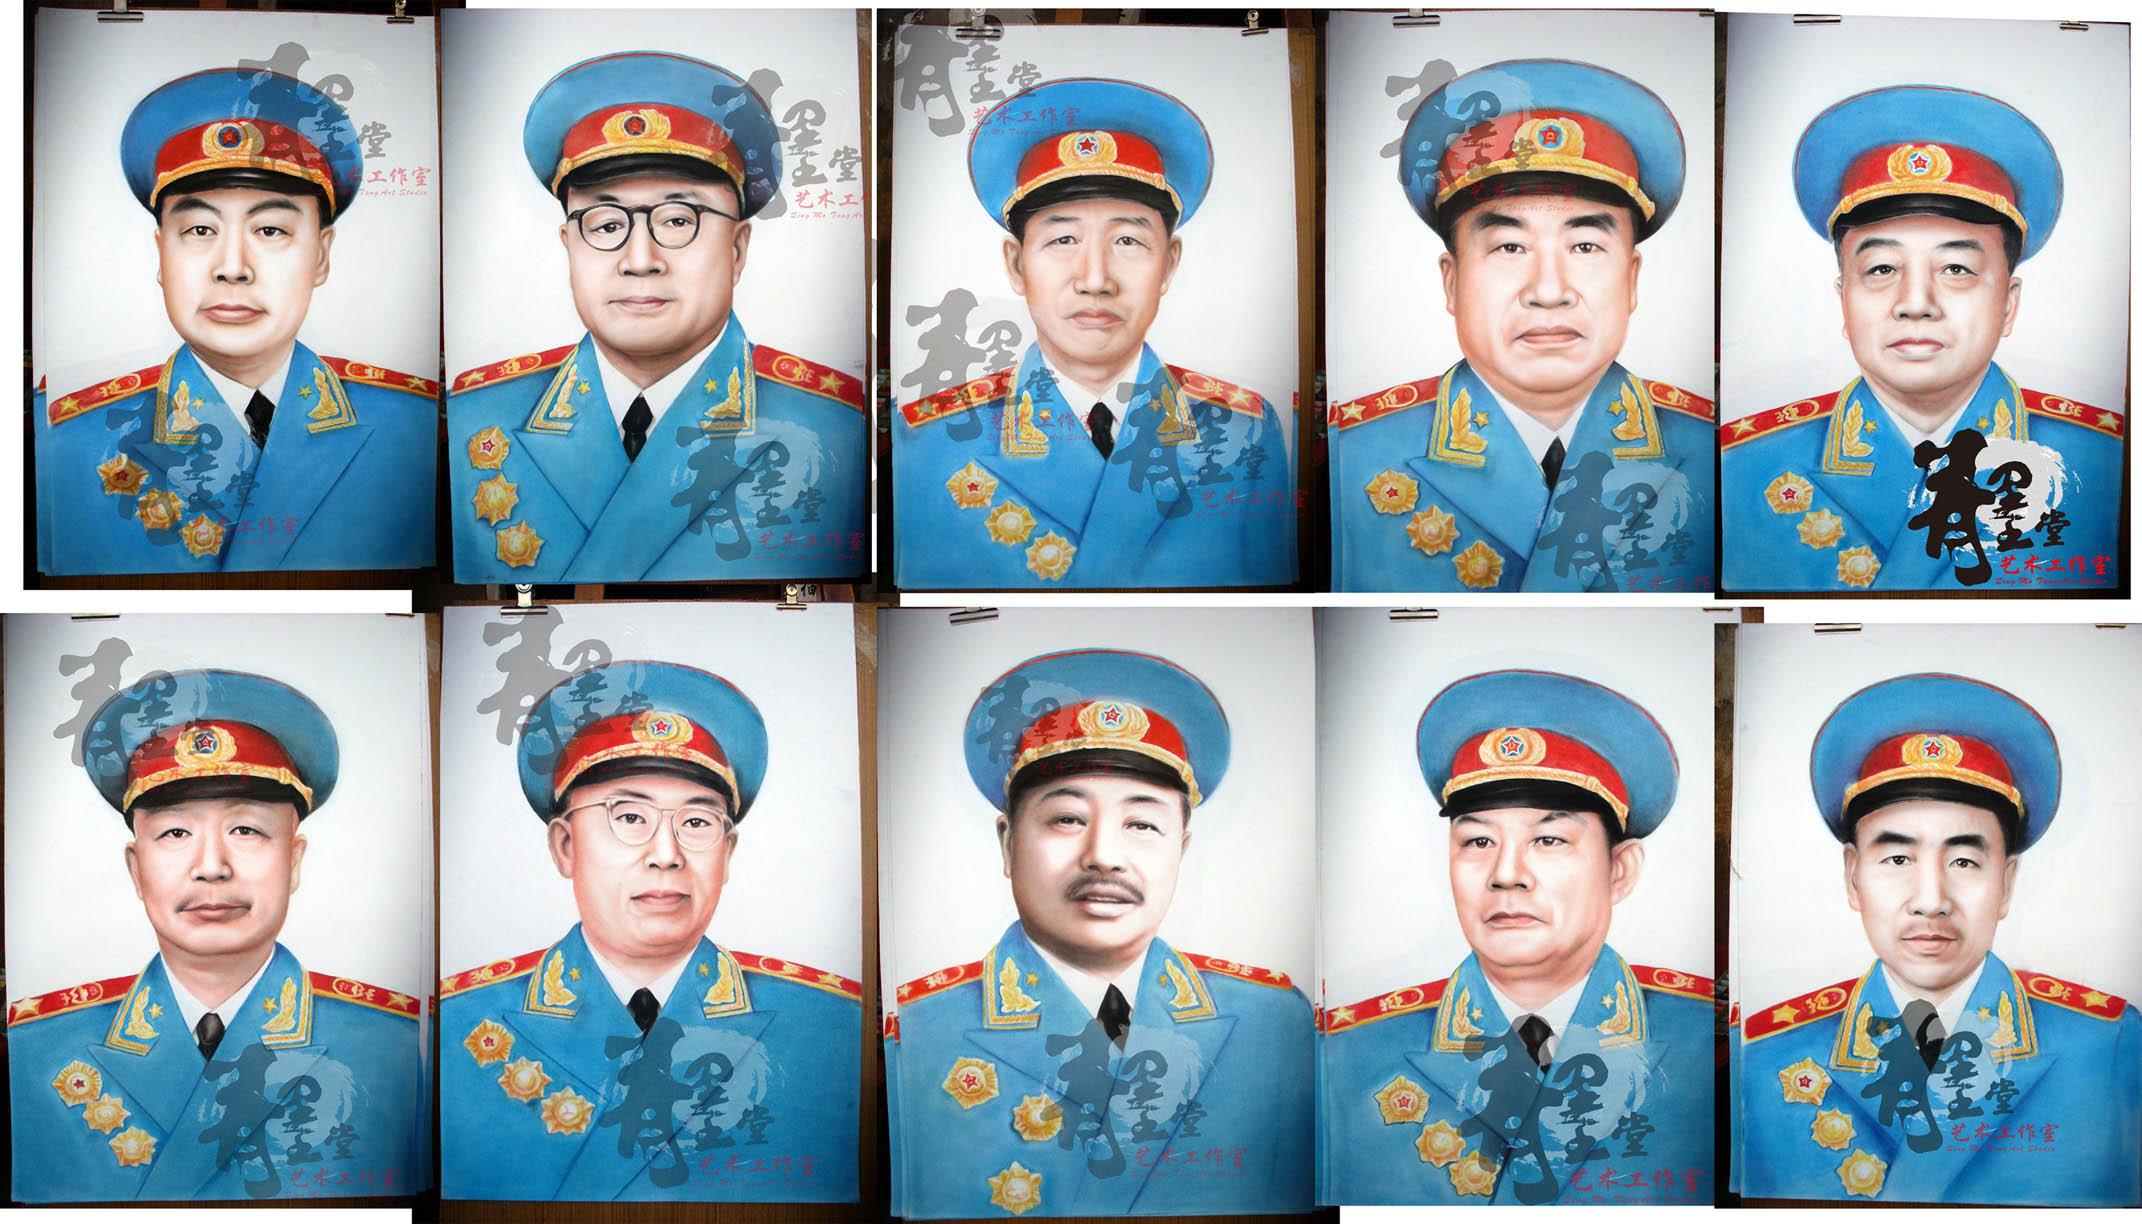 林彪十大元帅排第几_中国十大元帅排名-